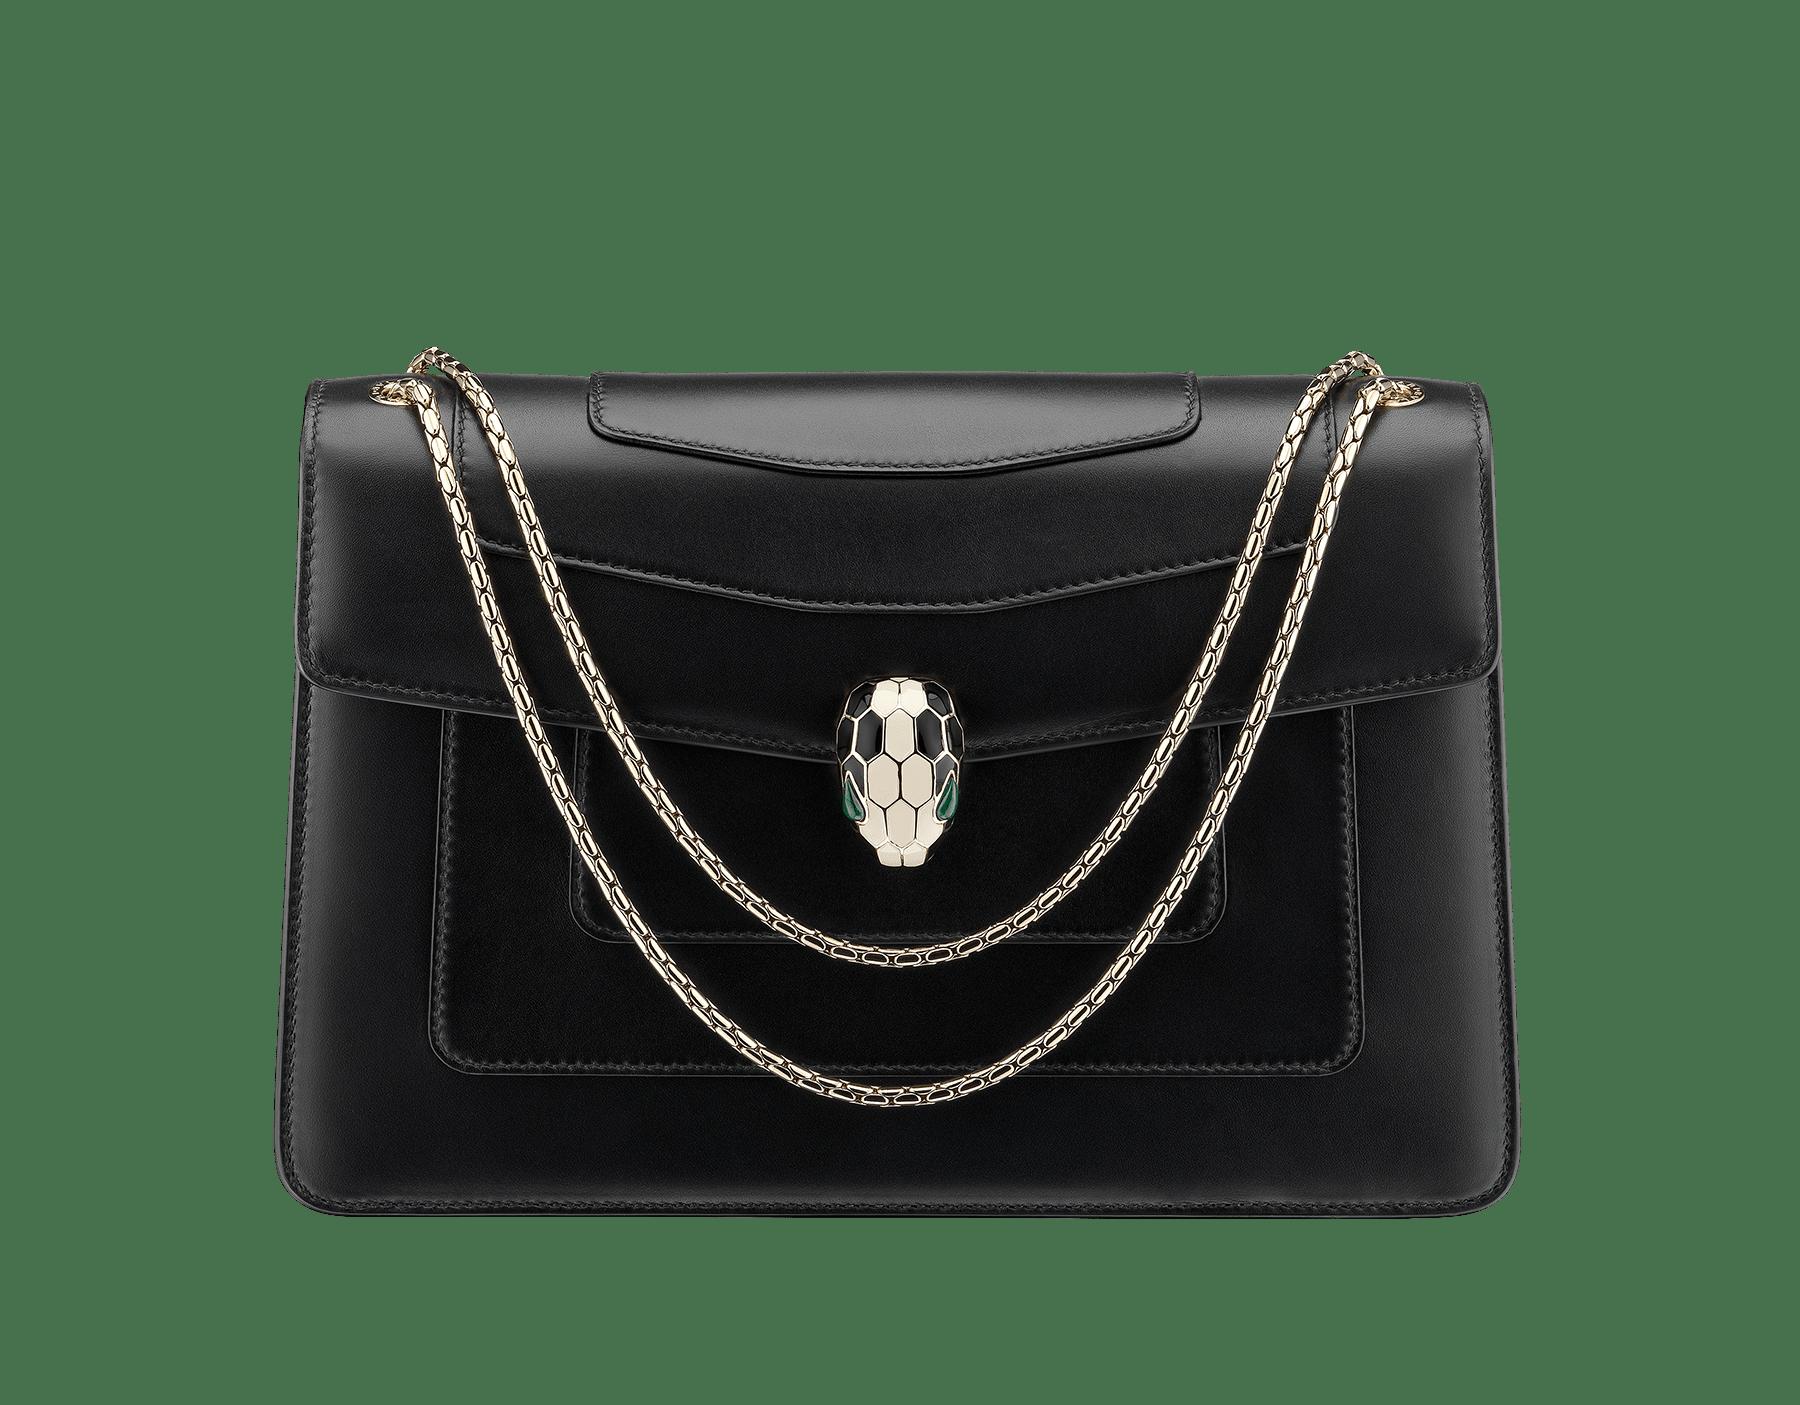 黑色小牛皮肩包,淡銅金色「Serpenti」蛇頭扣環飾以黑白色琺瑯,雙眼鑲嵌孔雀石。 521-CLa image 1